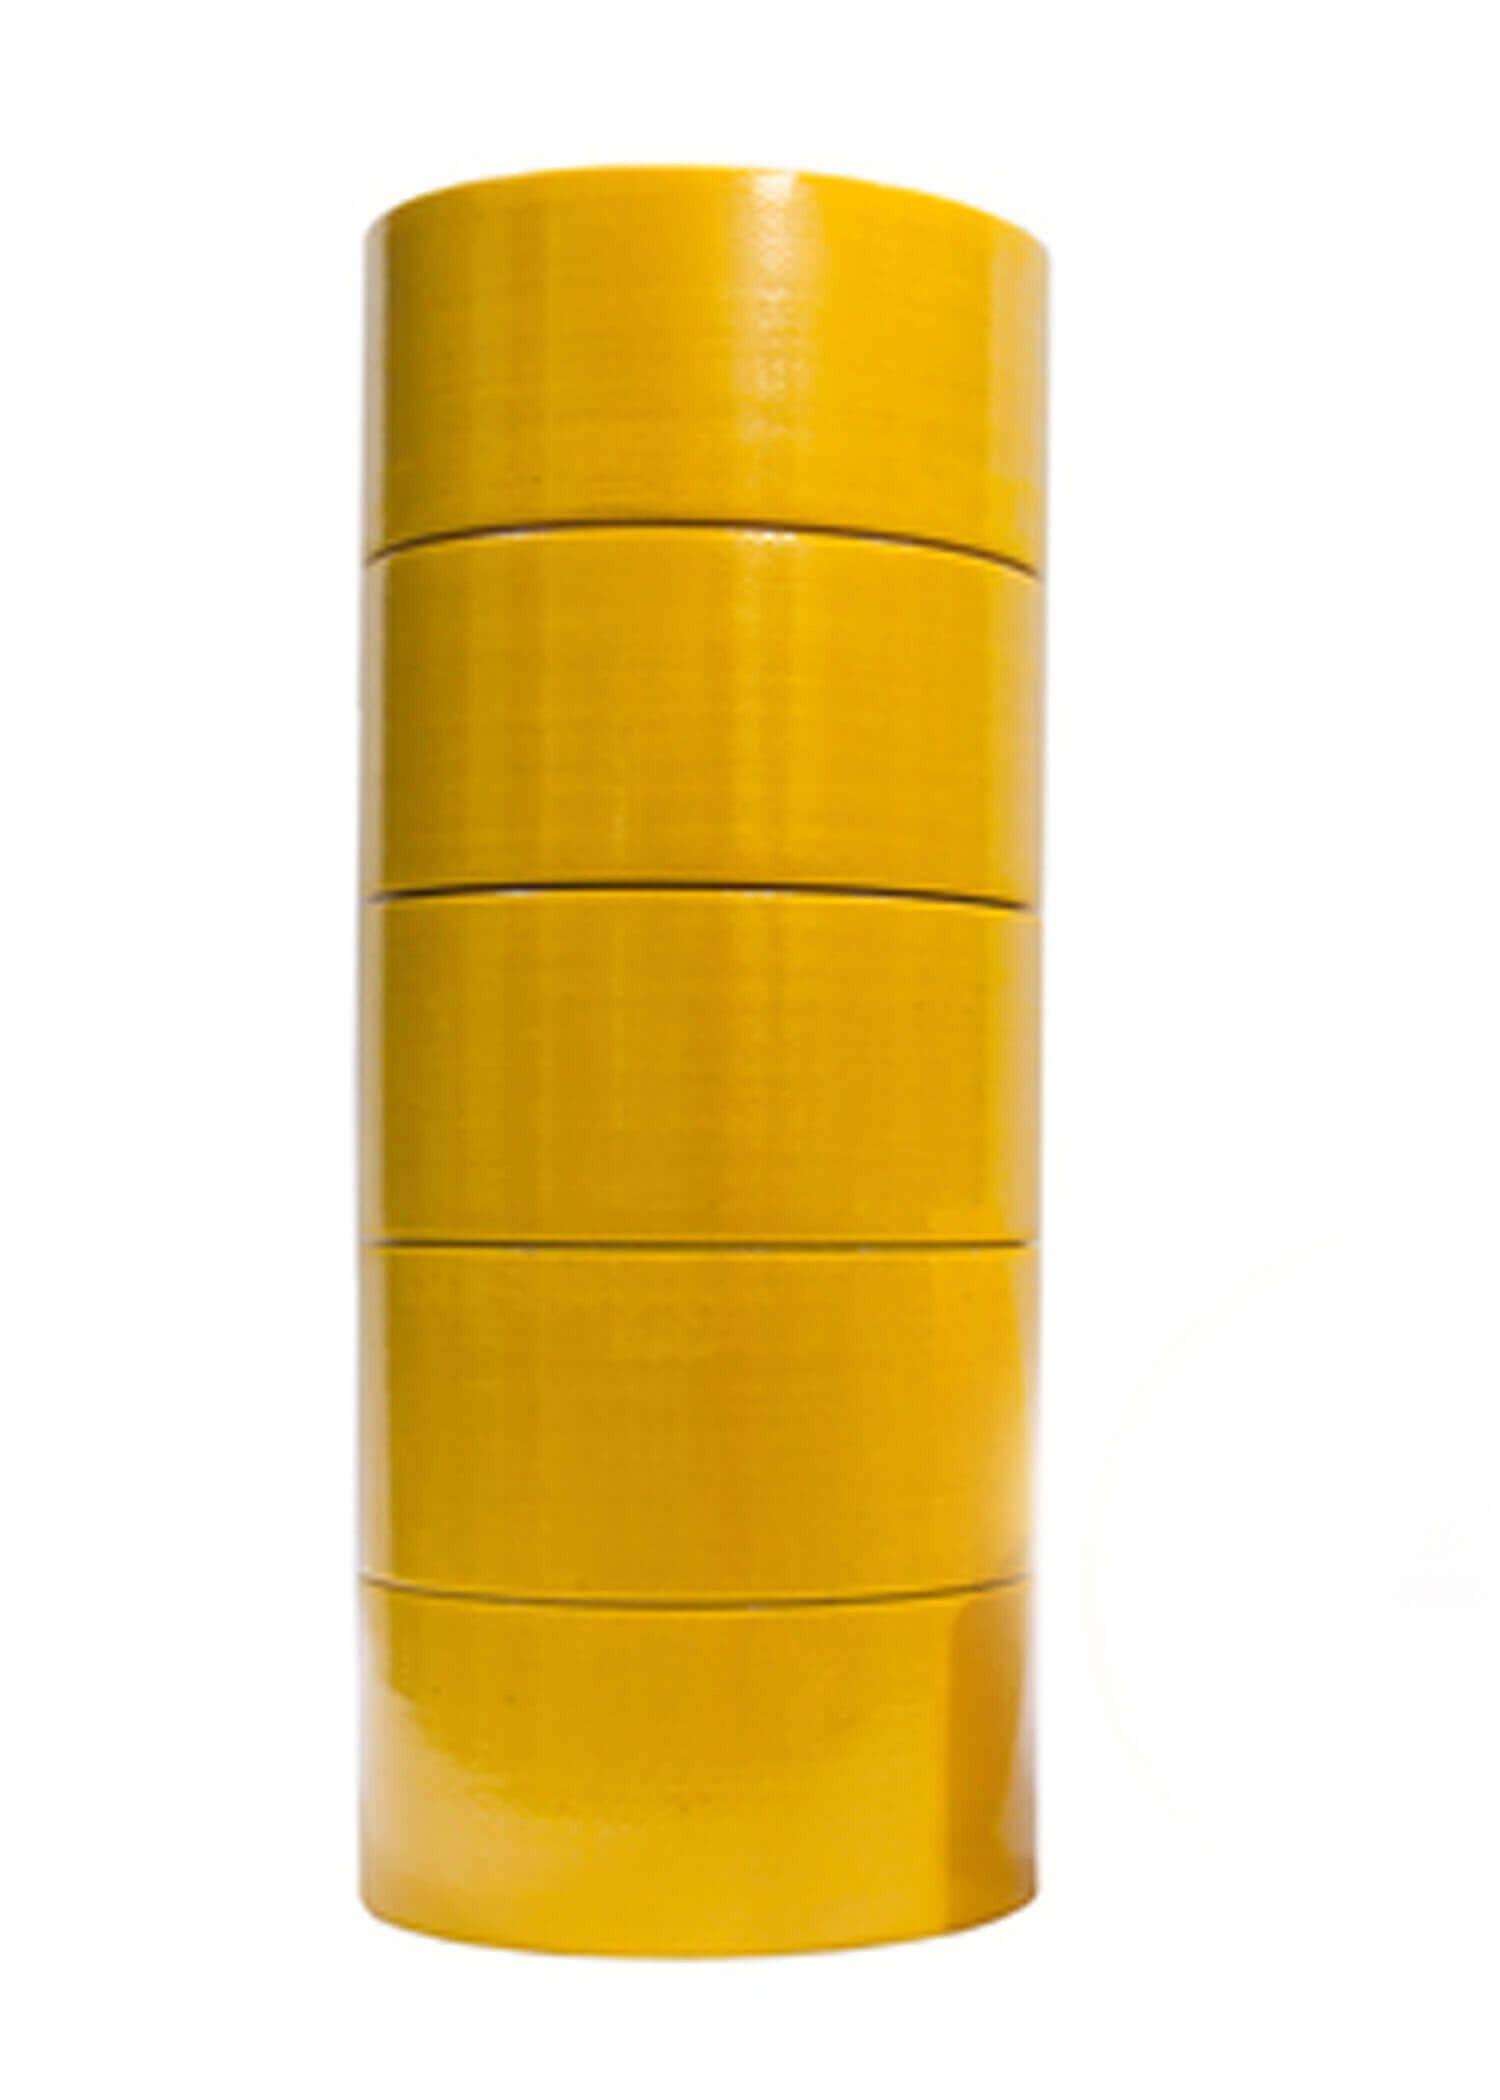 เทปผ้า LION สีเหลือง 48 มม.x 8 หลา